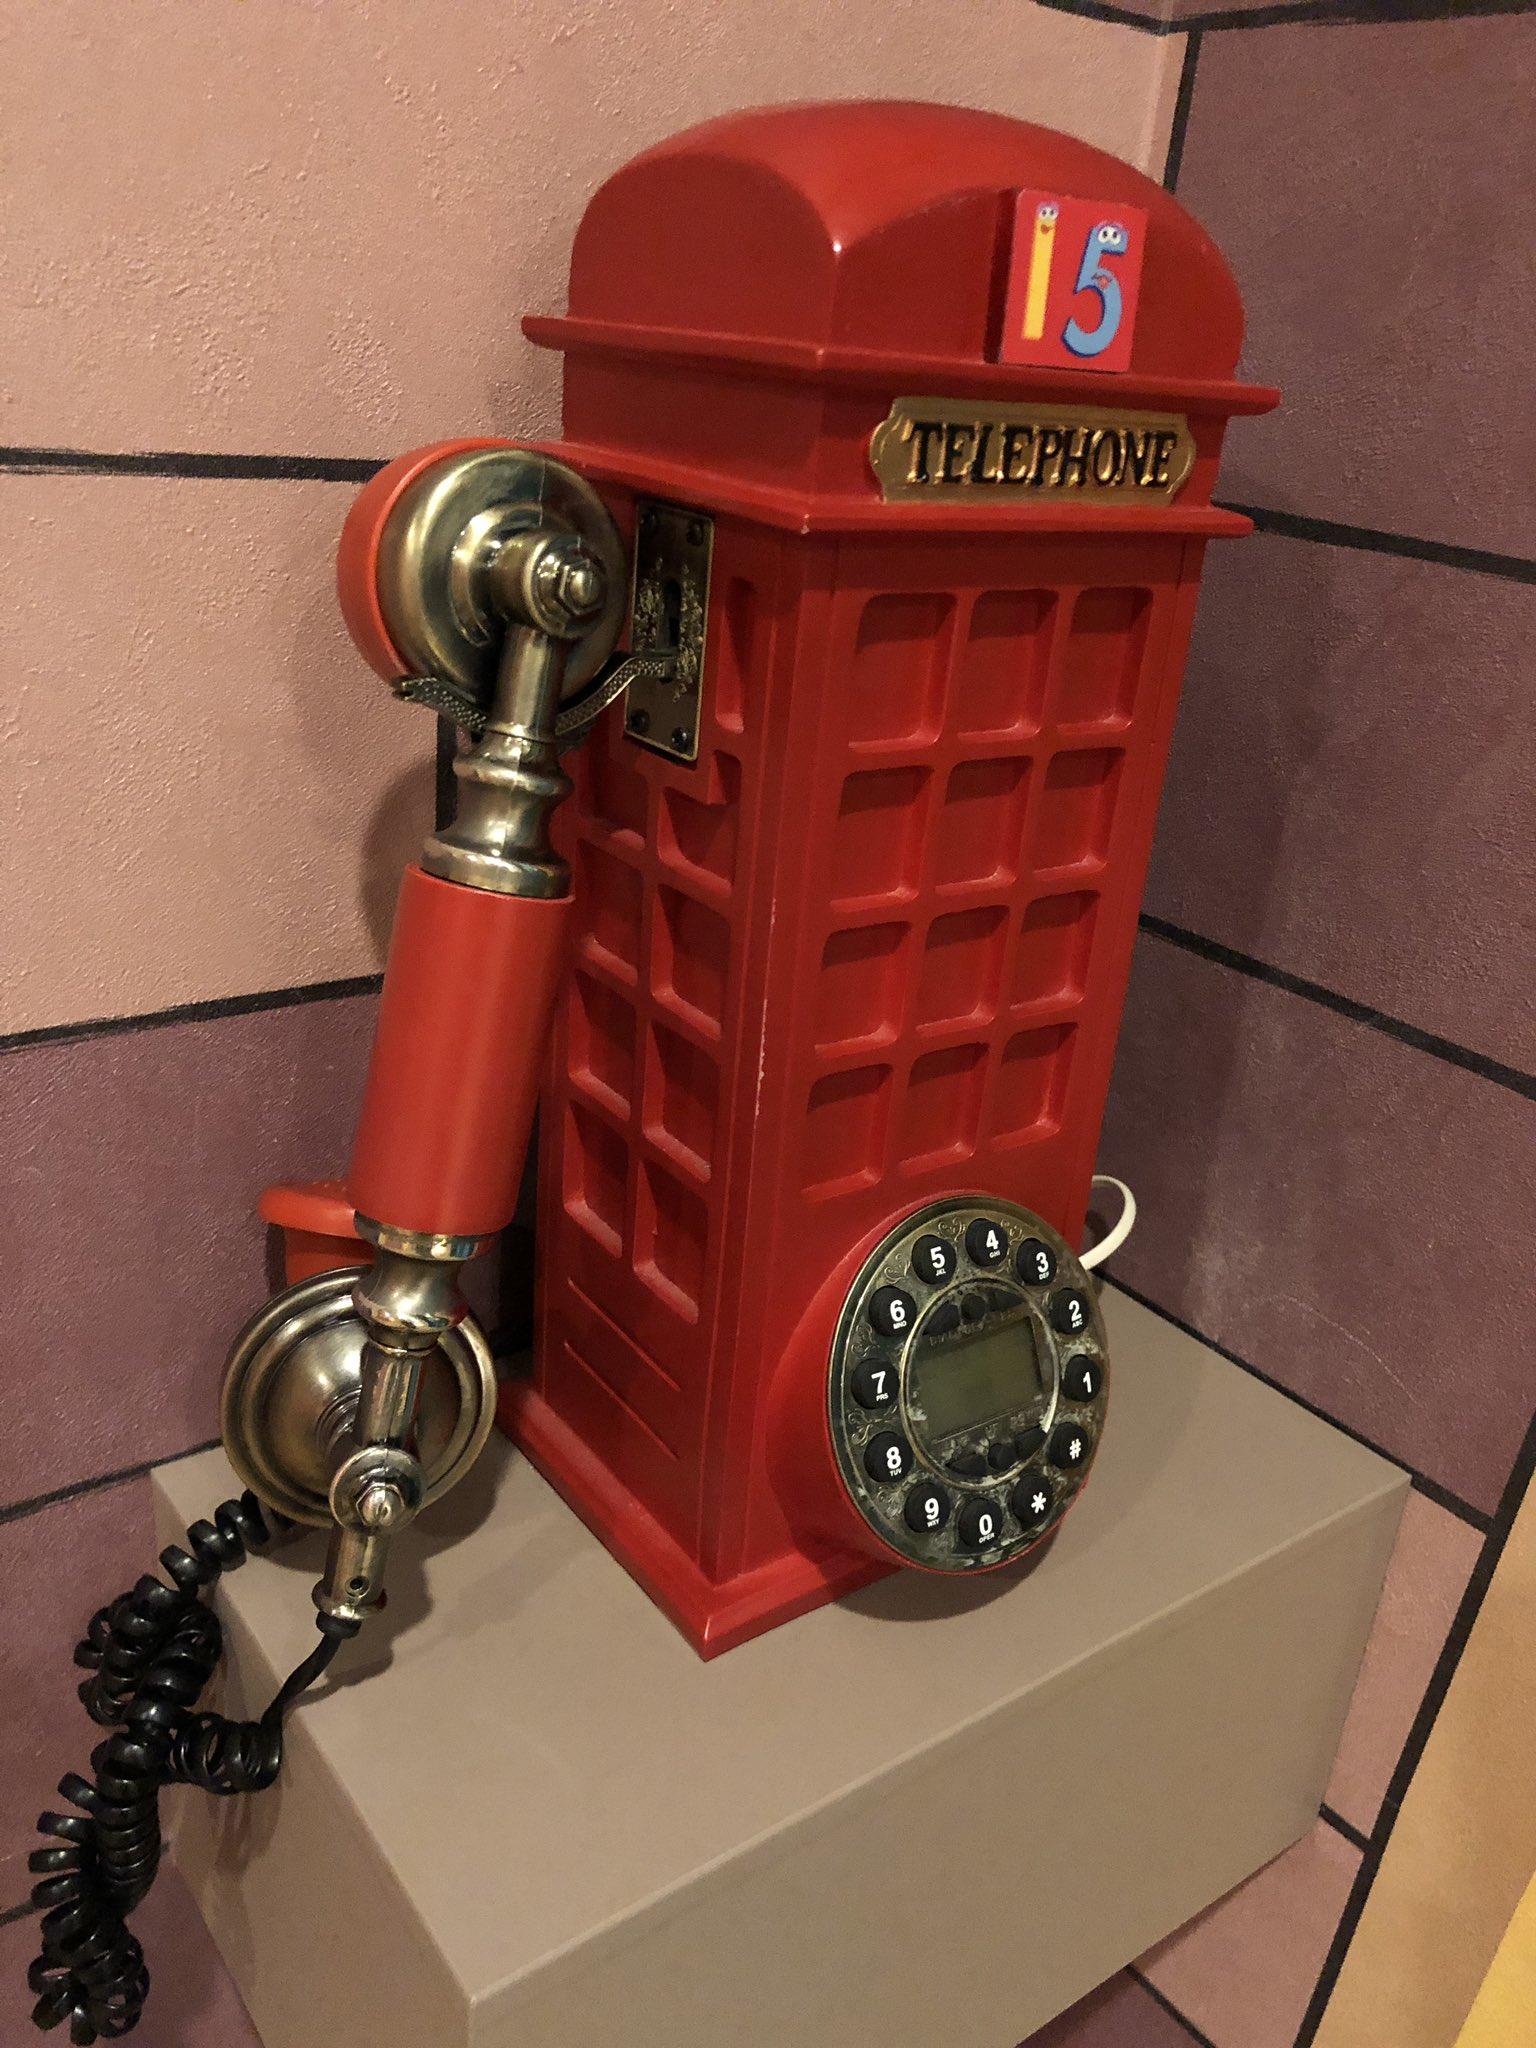 この電話、飾り物かと思ったけどもしかして使えるのかな。 https://t.co/WztsF2q7qj